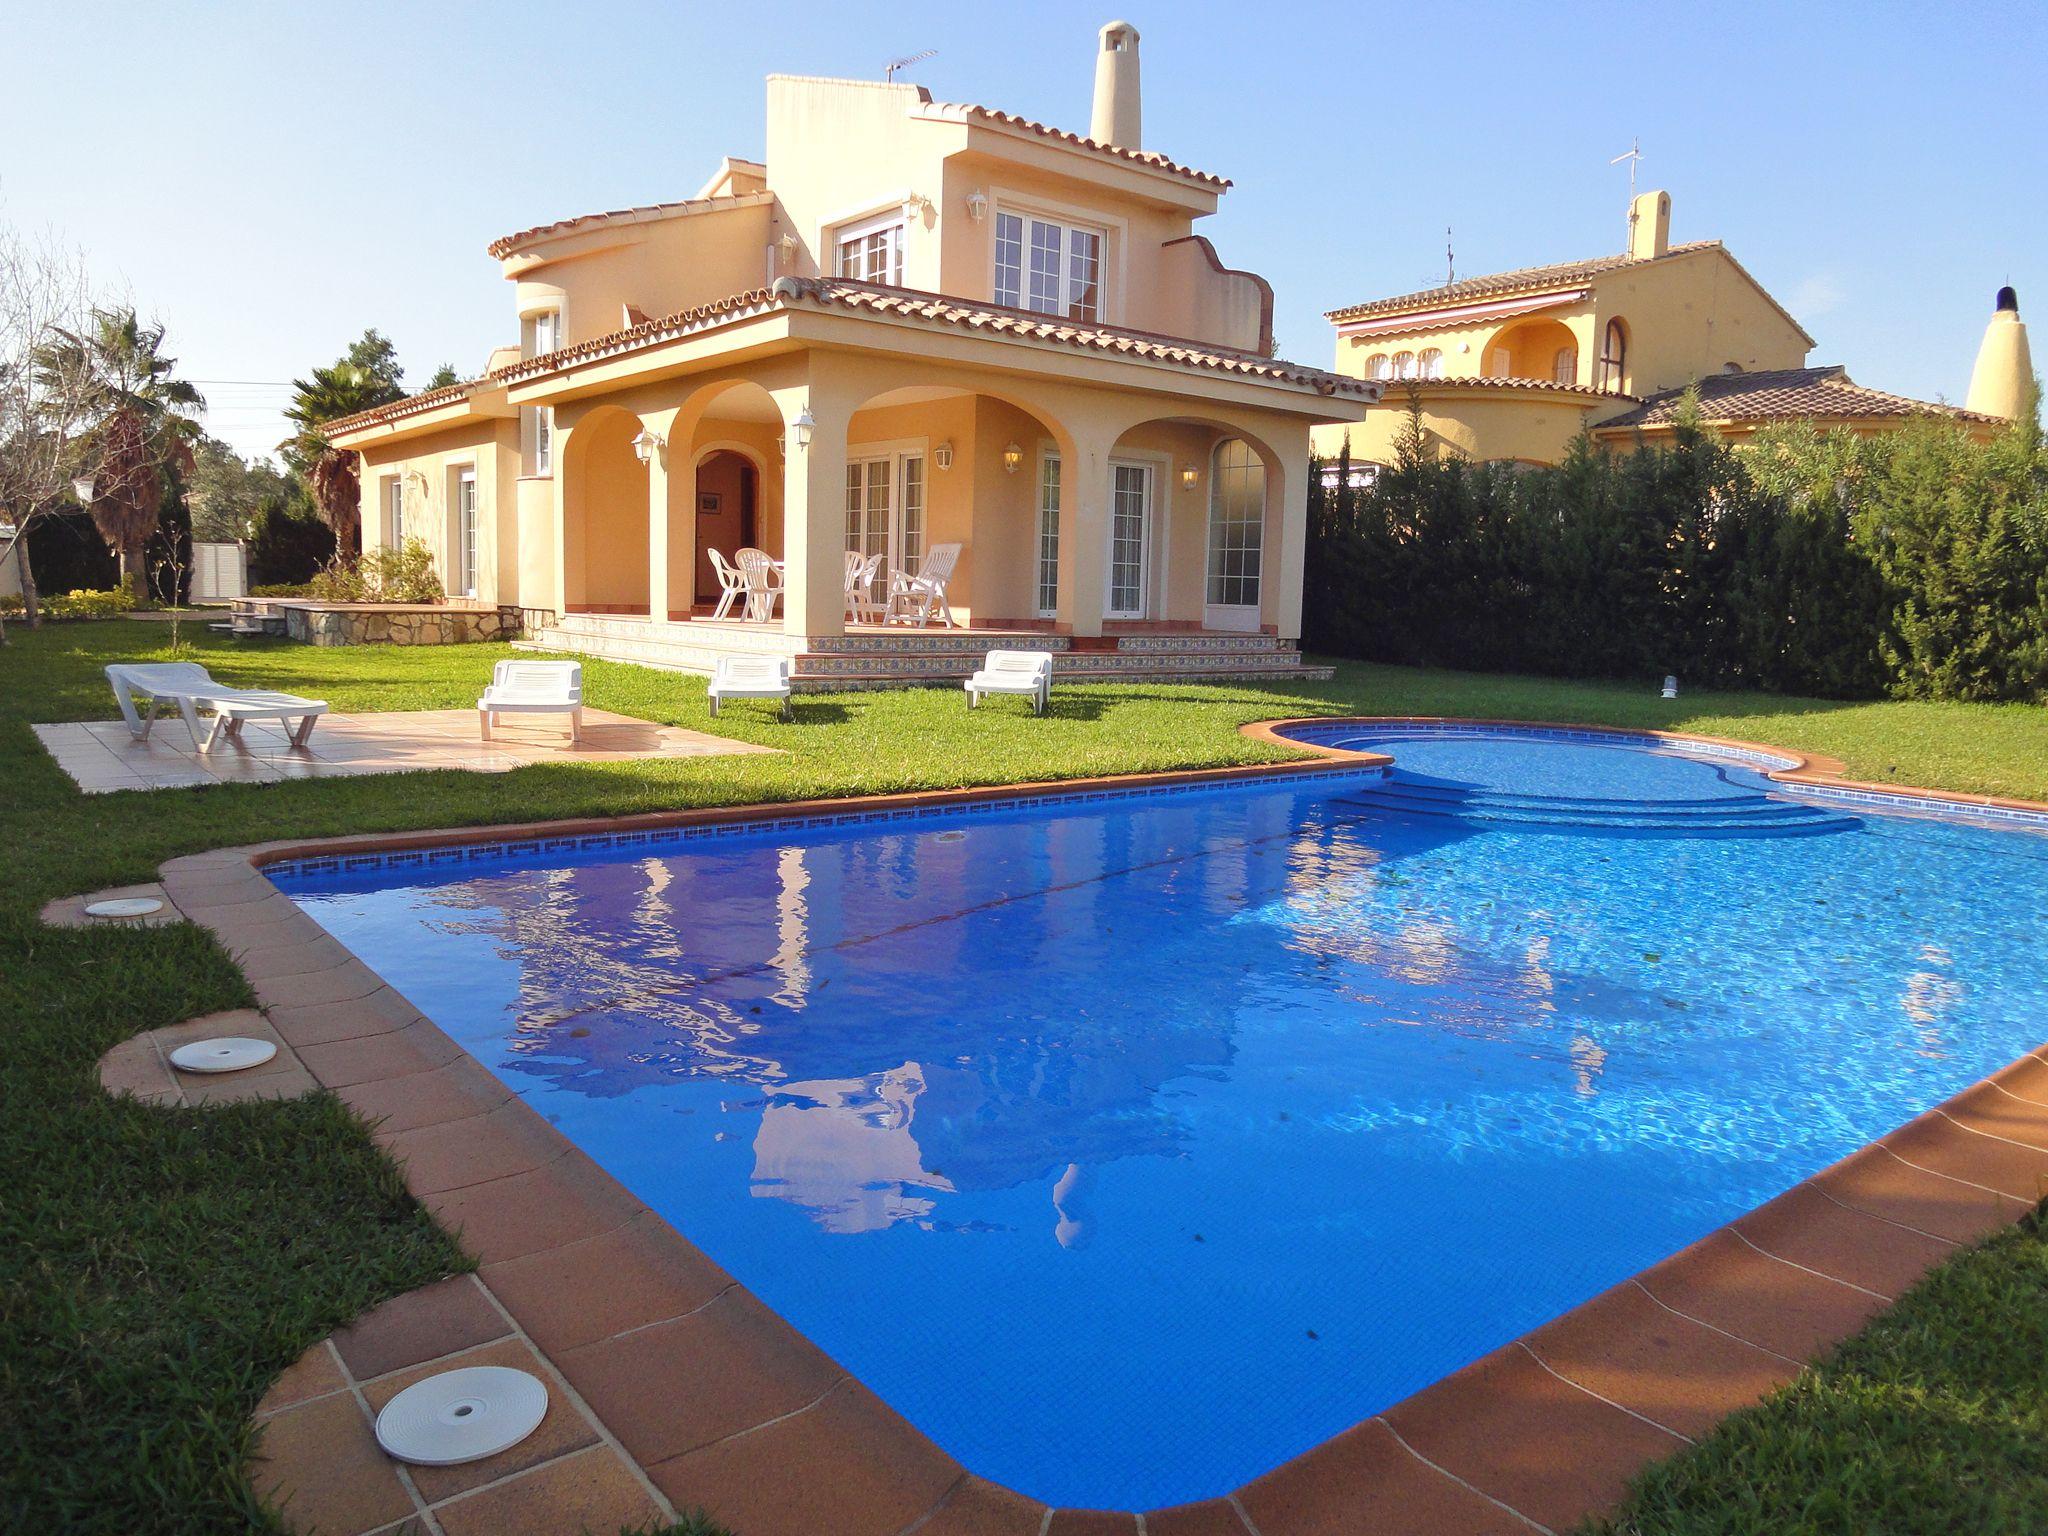 Vakantiehuis aan zee in Spanje